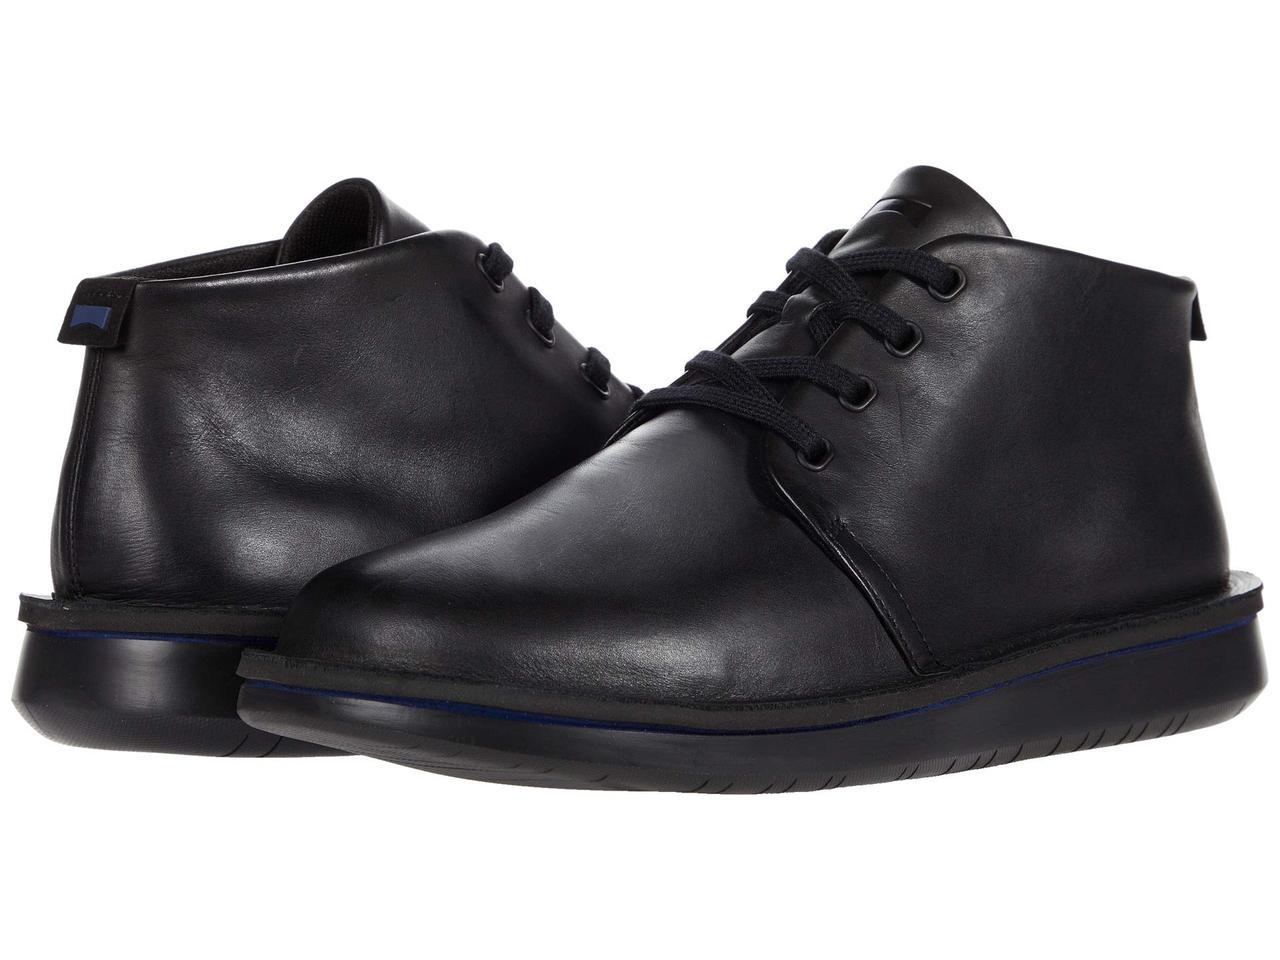 Ботинки/Сапоги (Оригинал) Camper Formiga - K300281 Black